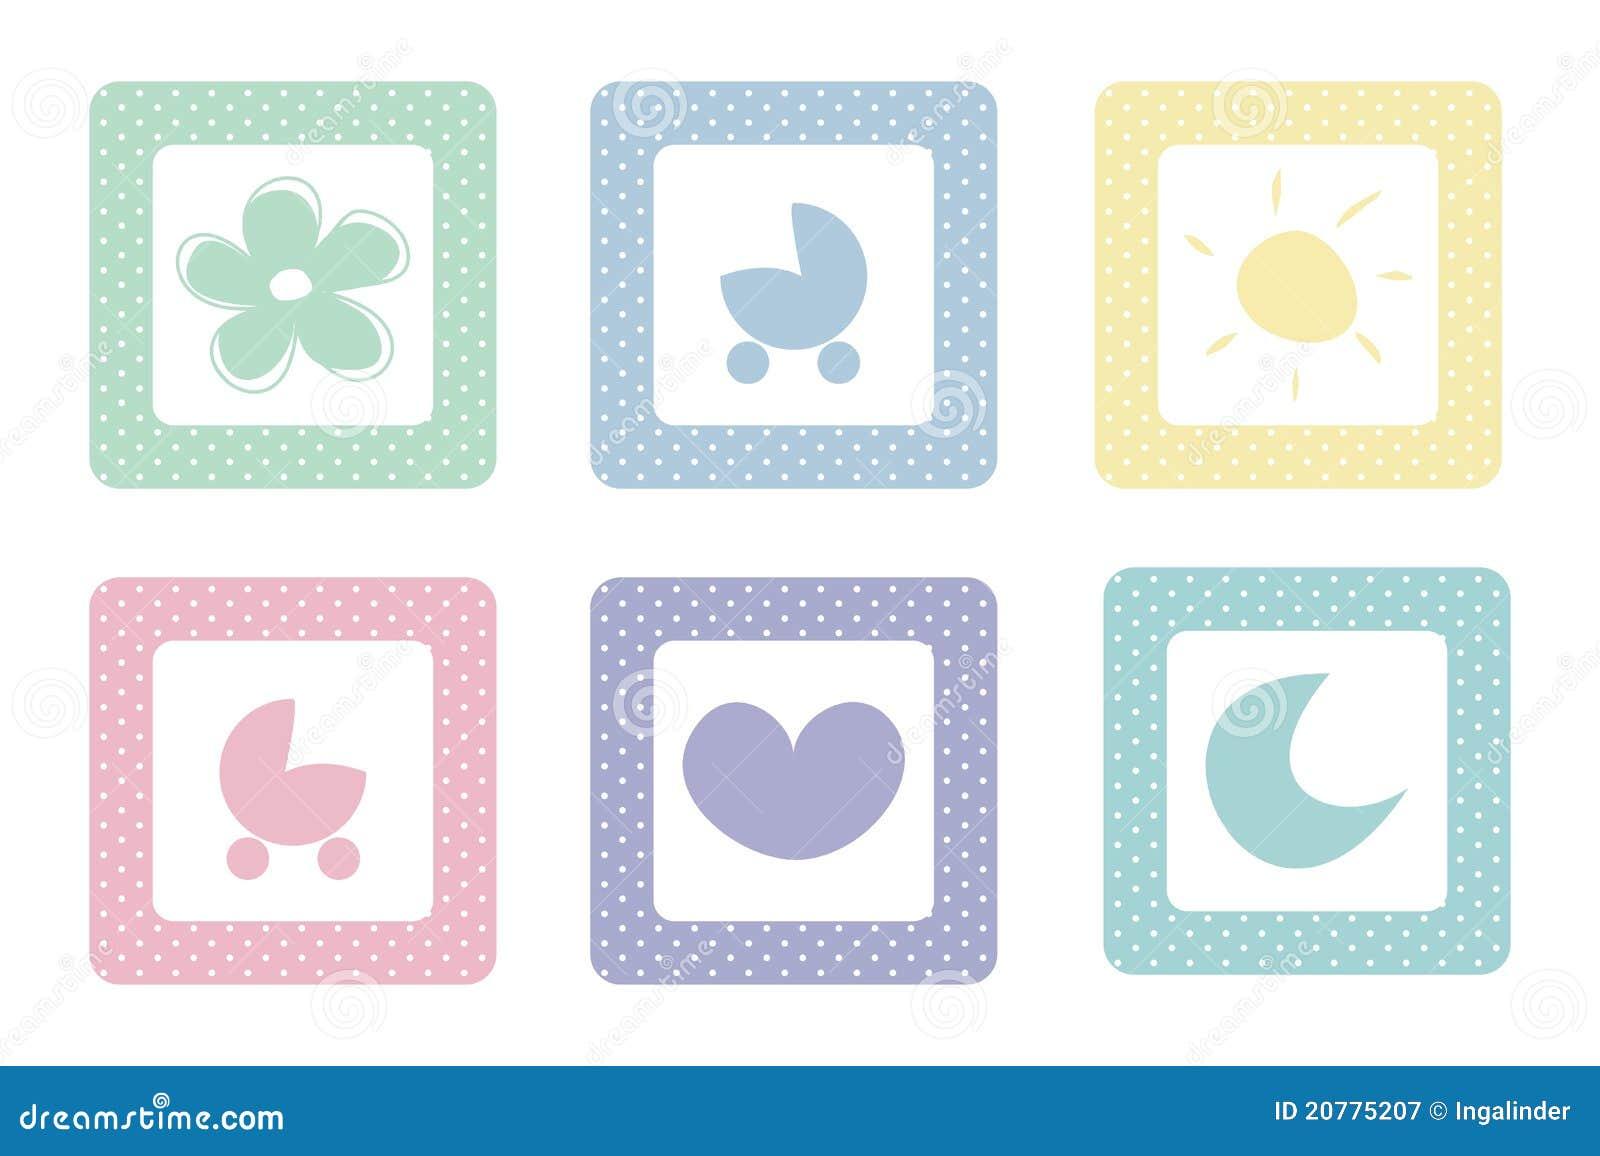 Colores Bebe.Iconos Dulces En Colores Pastel Del Bebe Con Los Puntos De